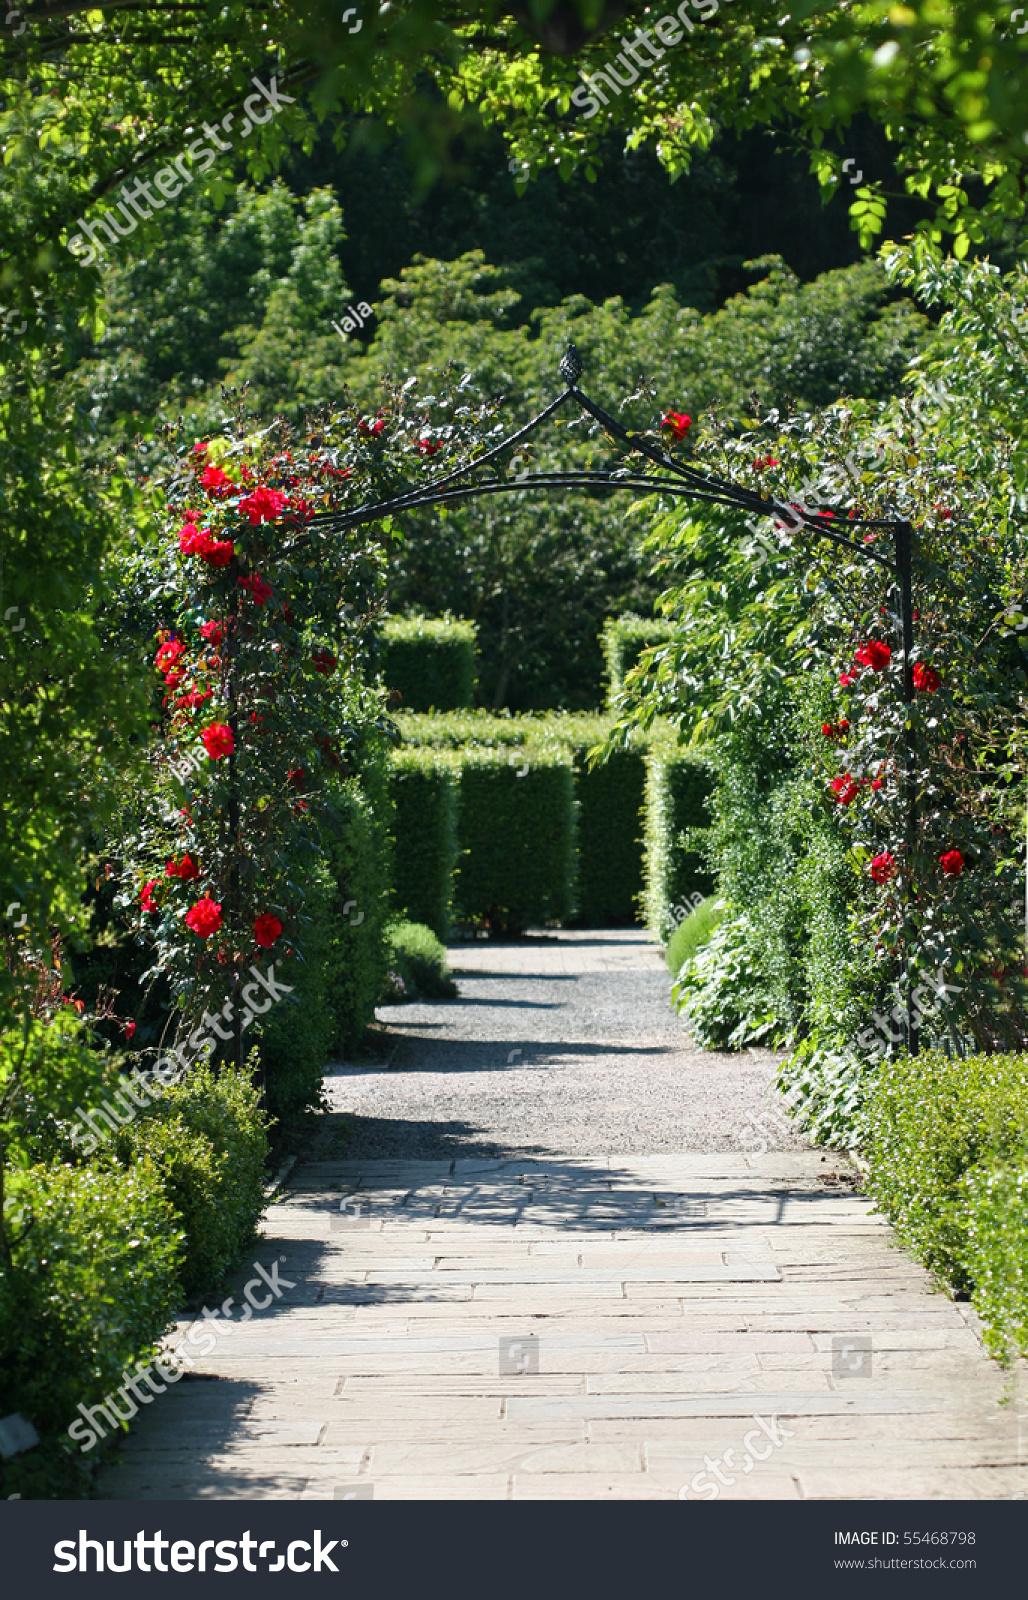 Garden Pathway garden pathway rose arch stock photo 55468798 - shutterstock